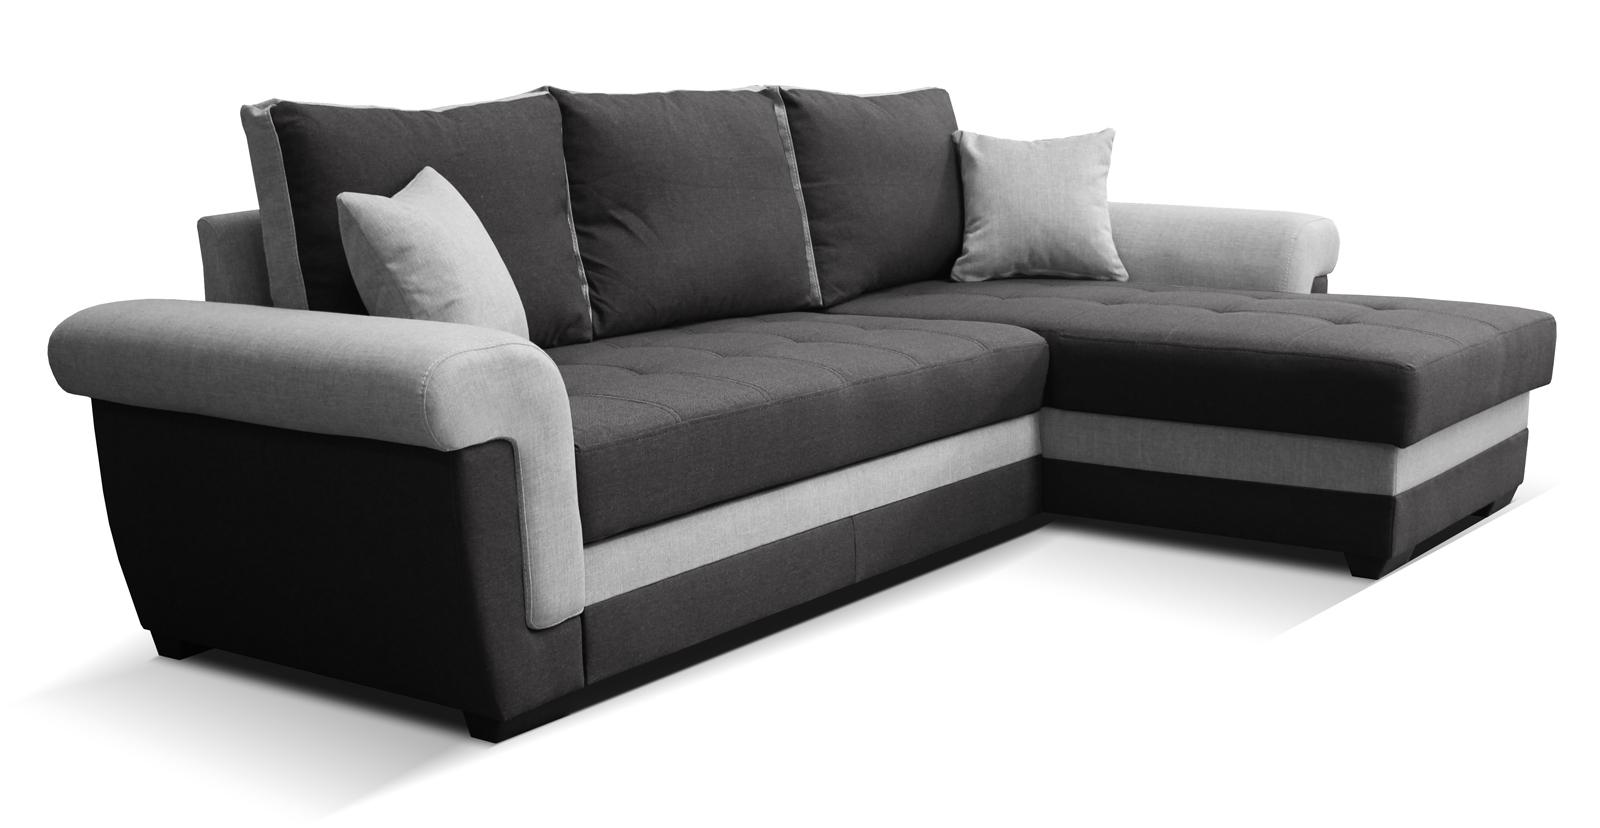 Rohová sedací souprava - Po-Sed - Rony 2F+L (černá + šedá) (P)